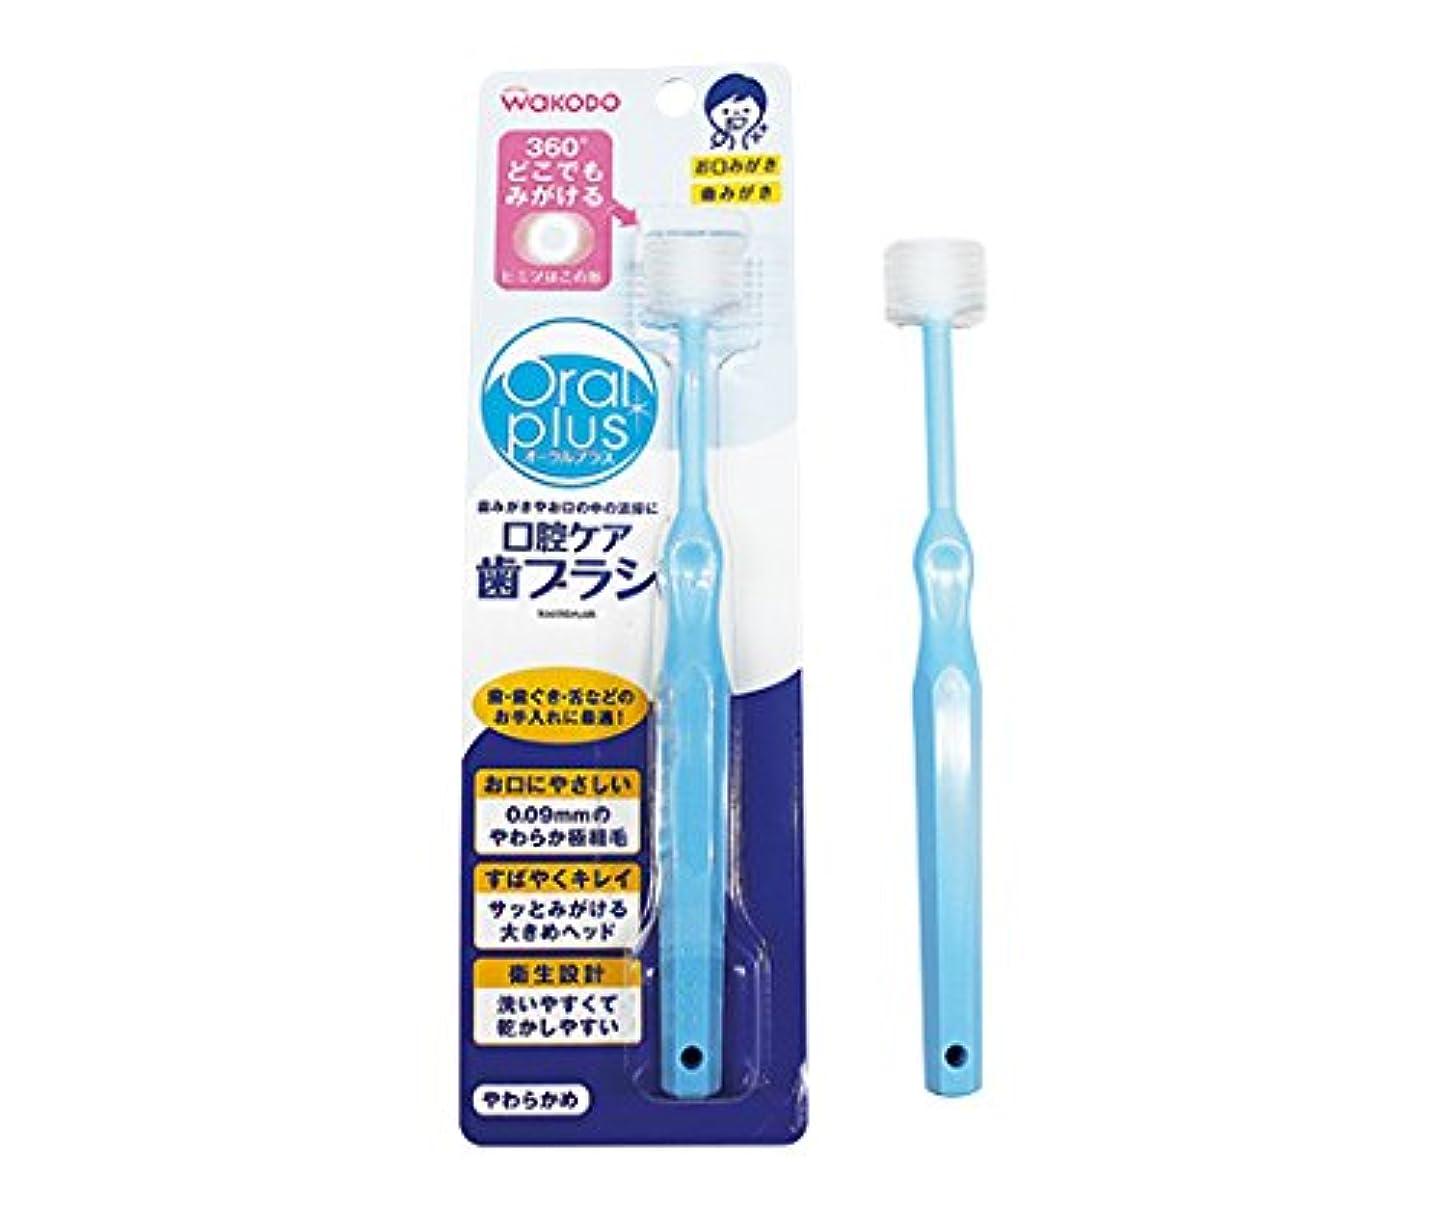 環境に優しいキャプションタイプ和光堂7-3498-01口腔ケア歯ブラシ(オーラルプラス)